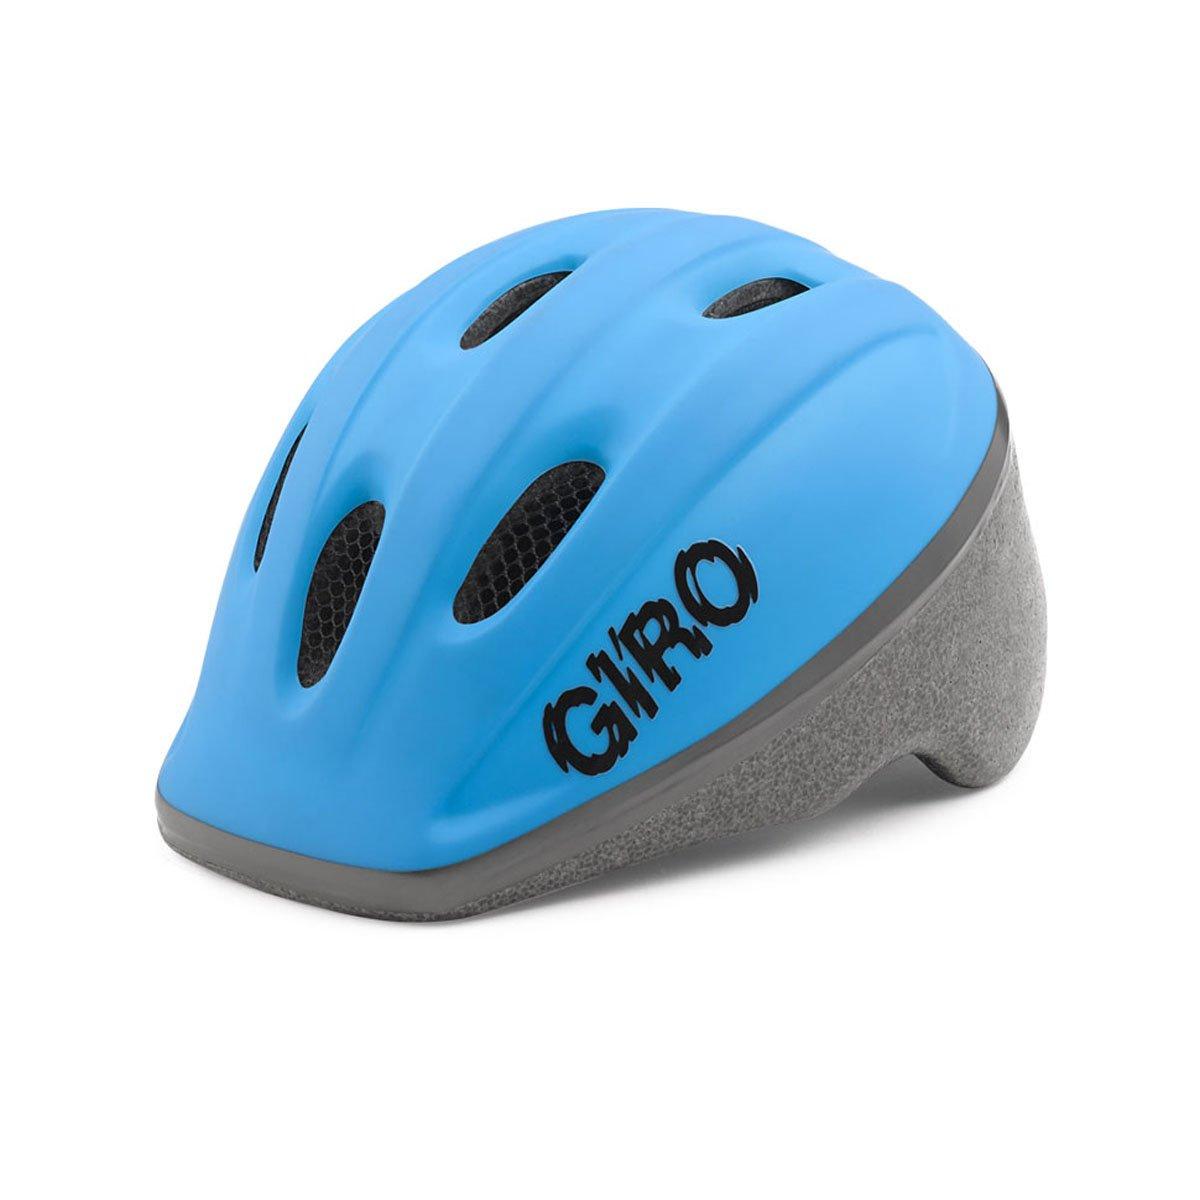 Giro Me2 infant bike helmet